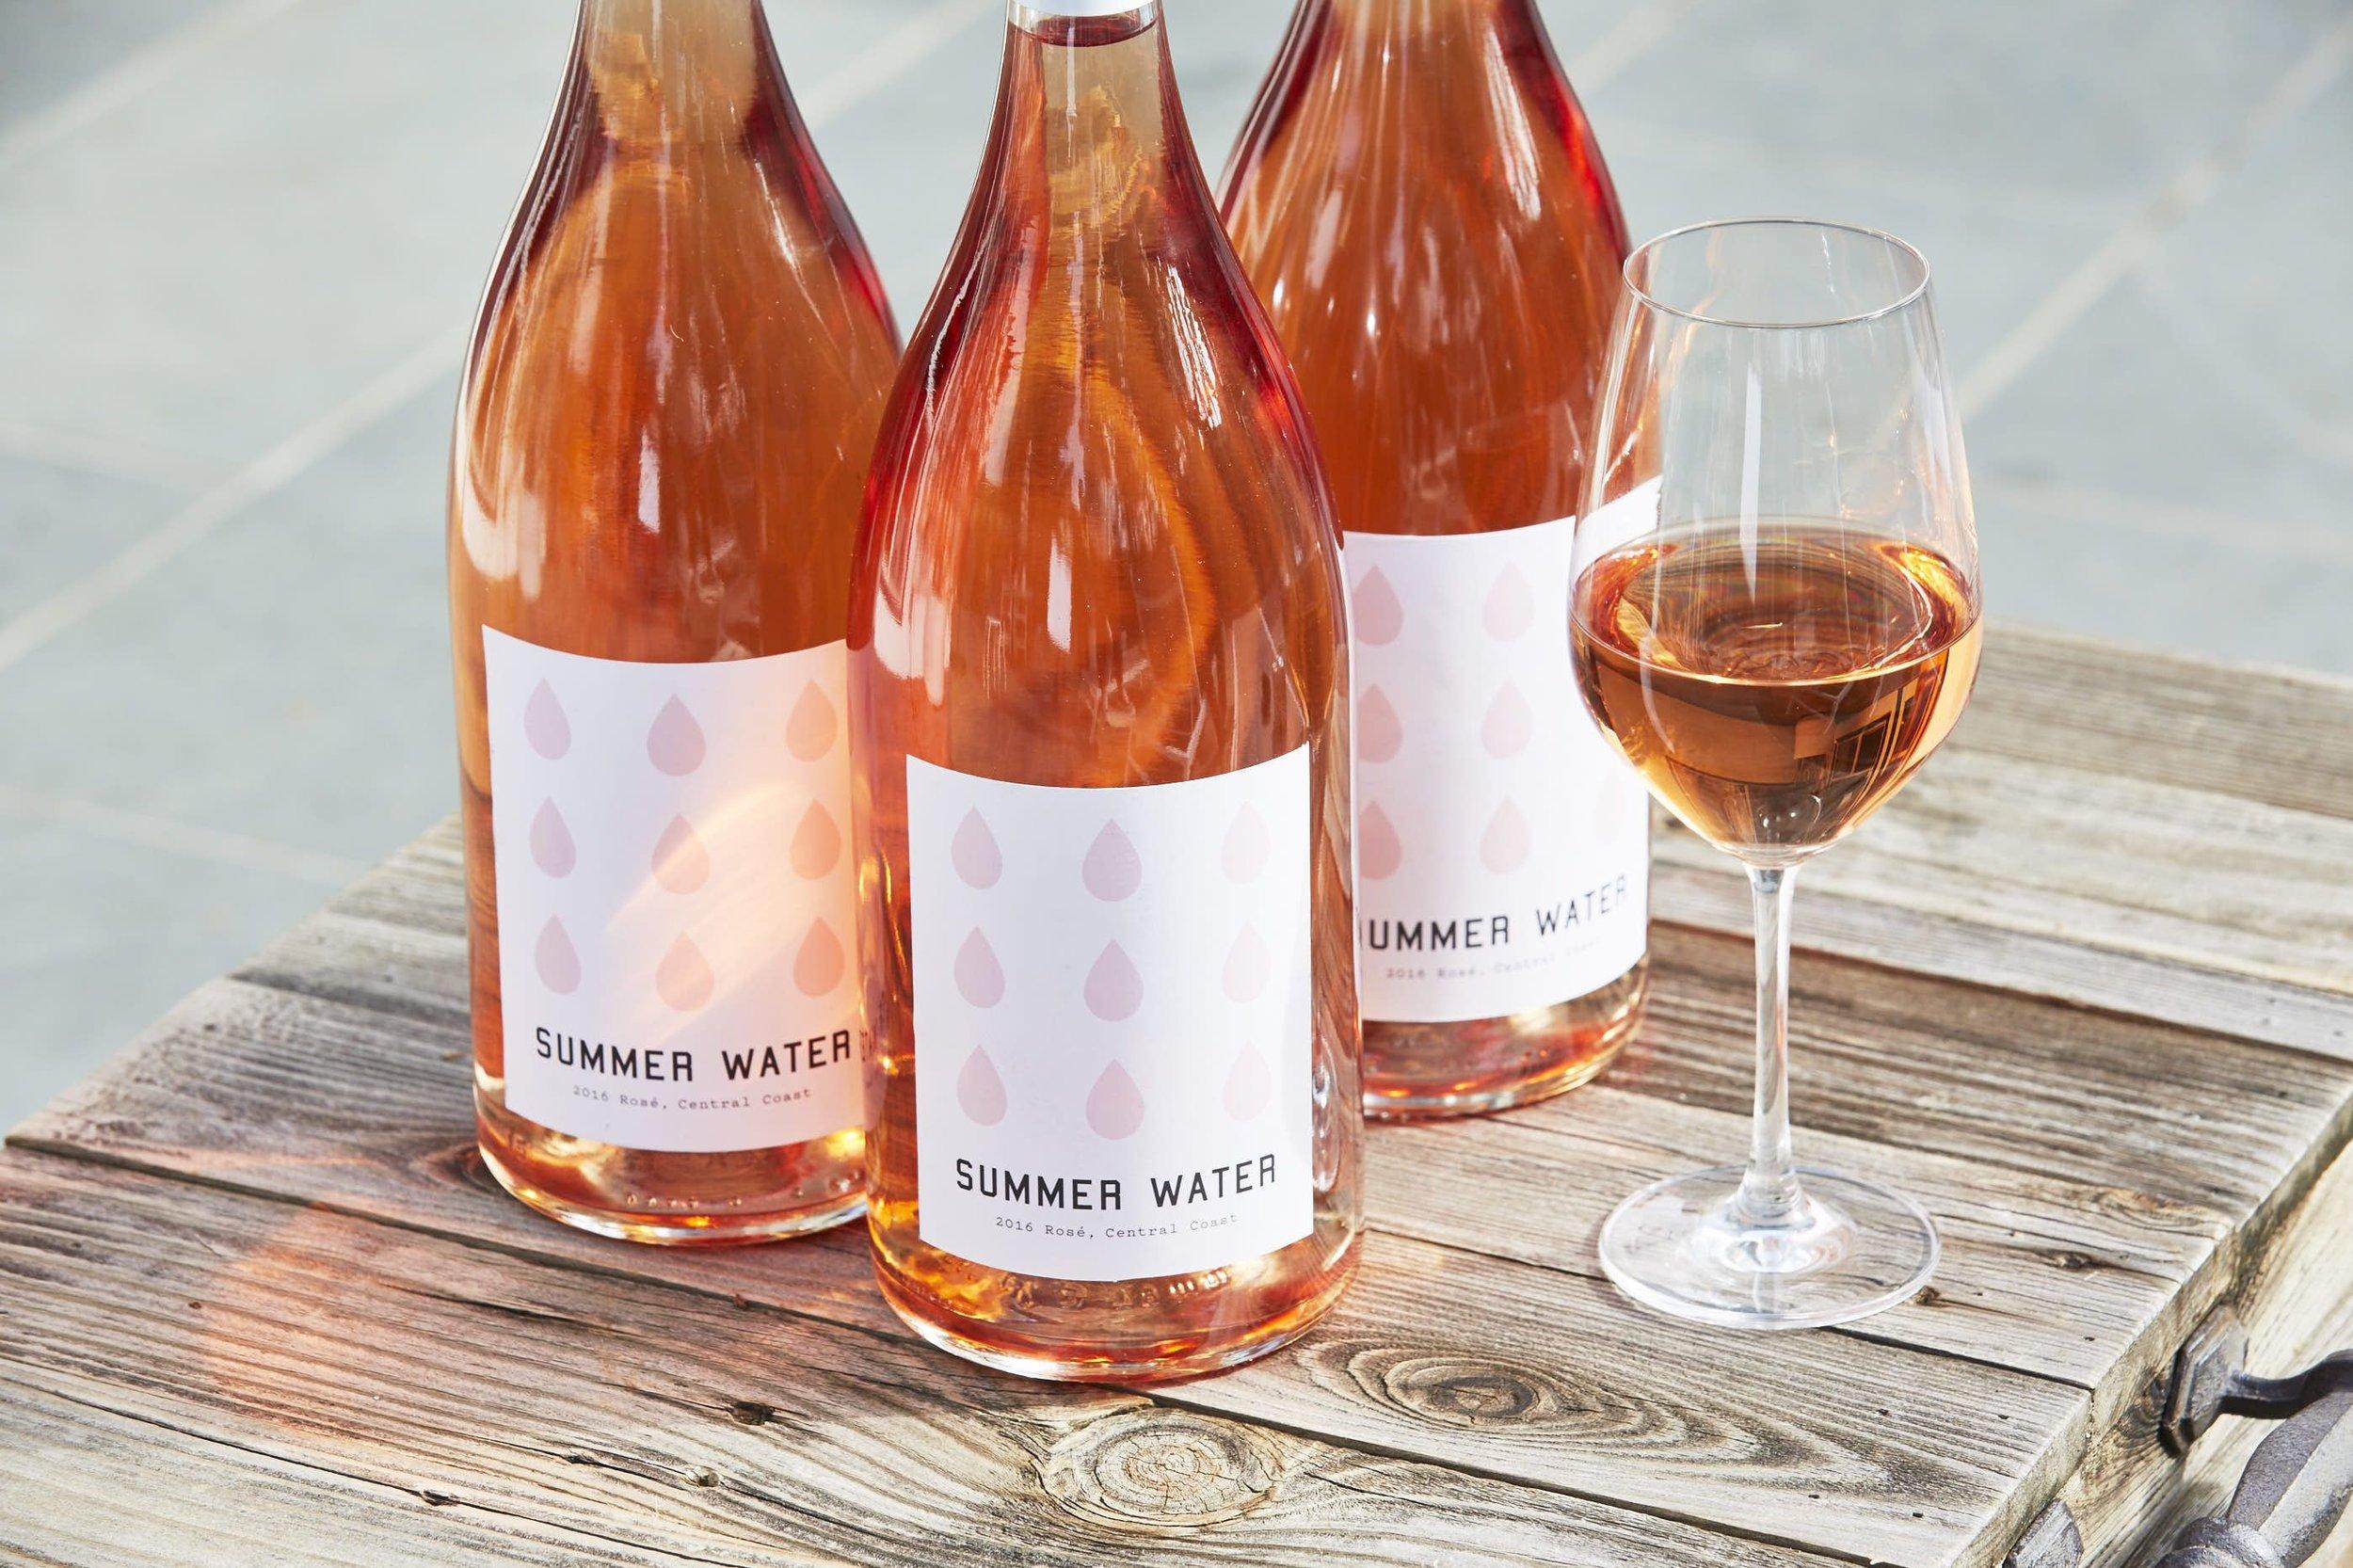 box-bottles-552-1490280746.jpg